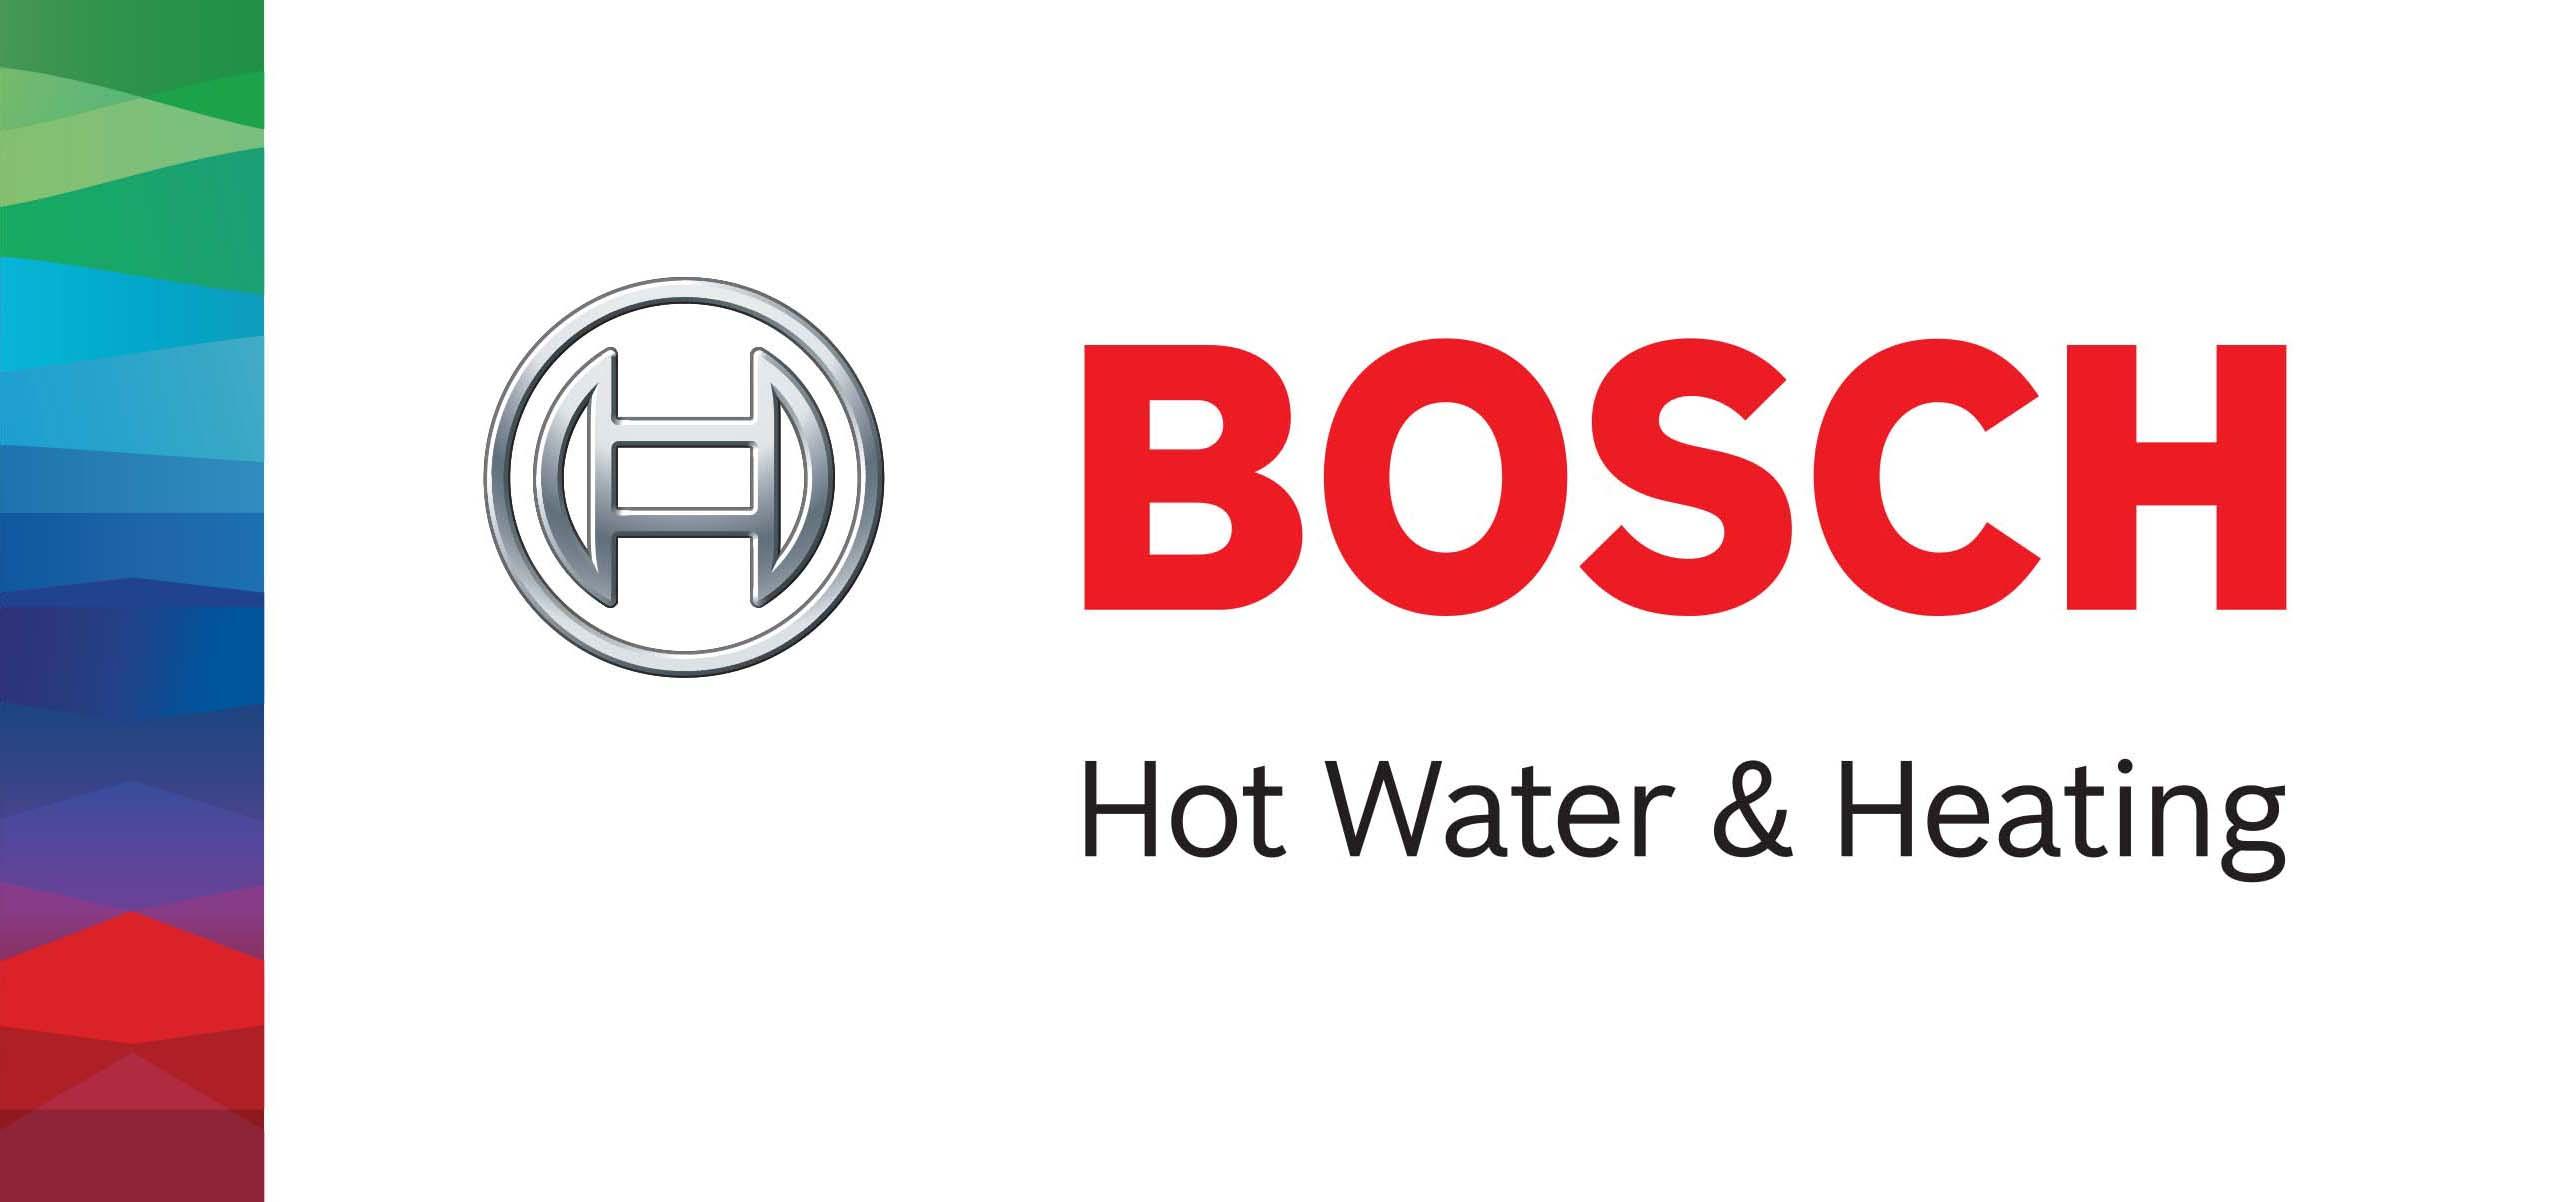 Bosch Hot Water & Heating